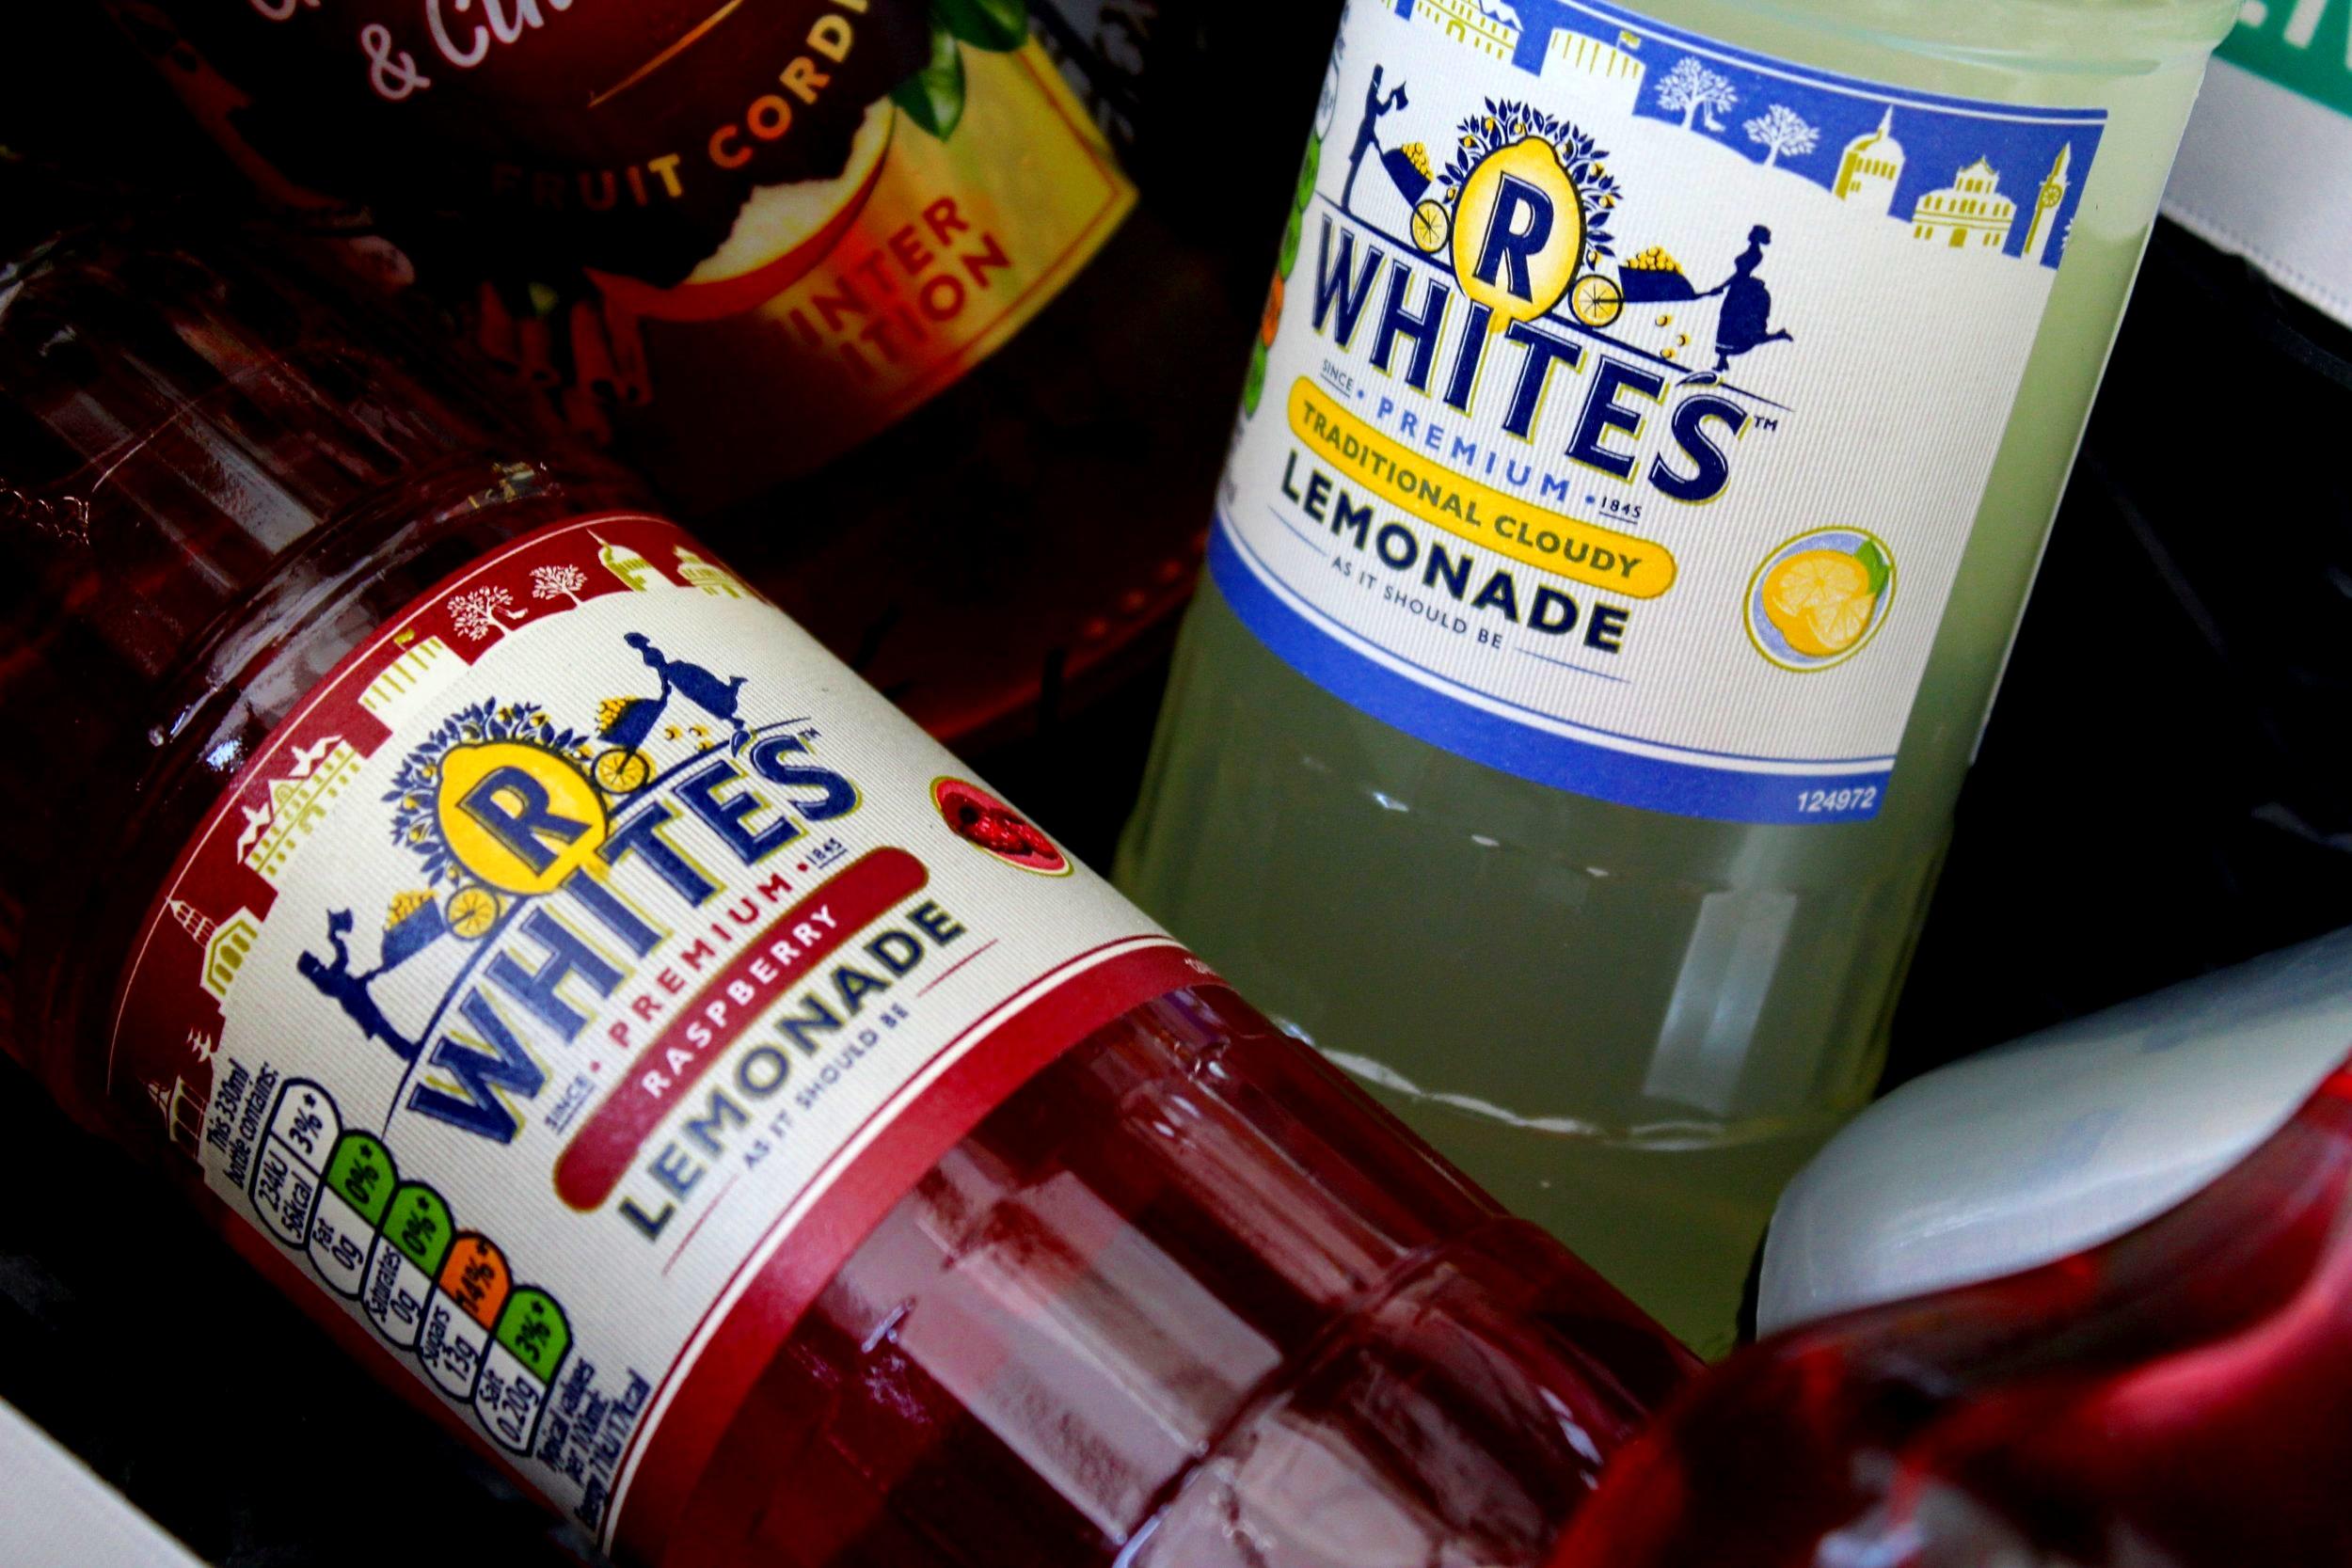 R White's Lemonade